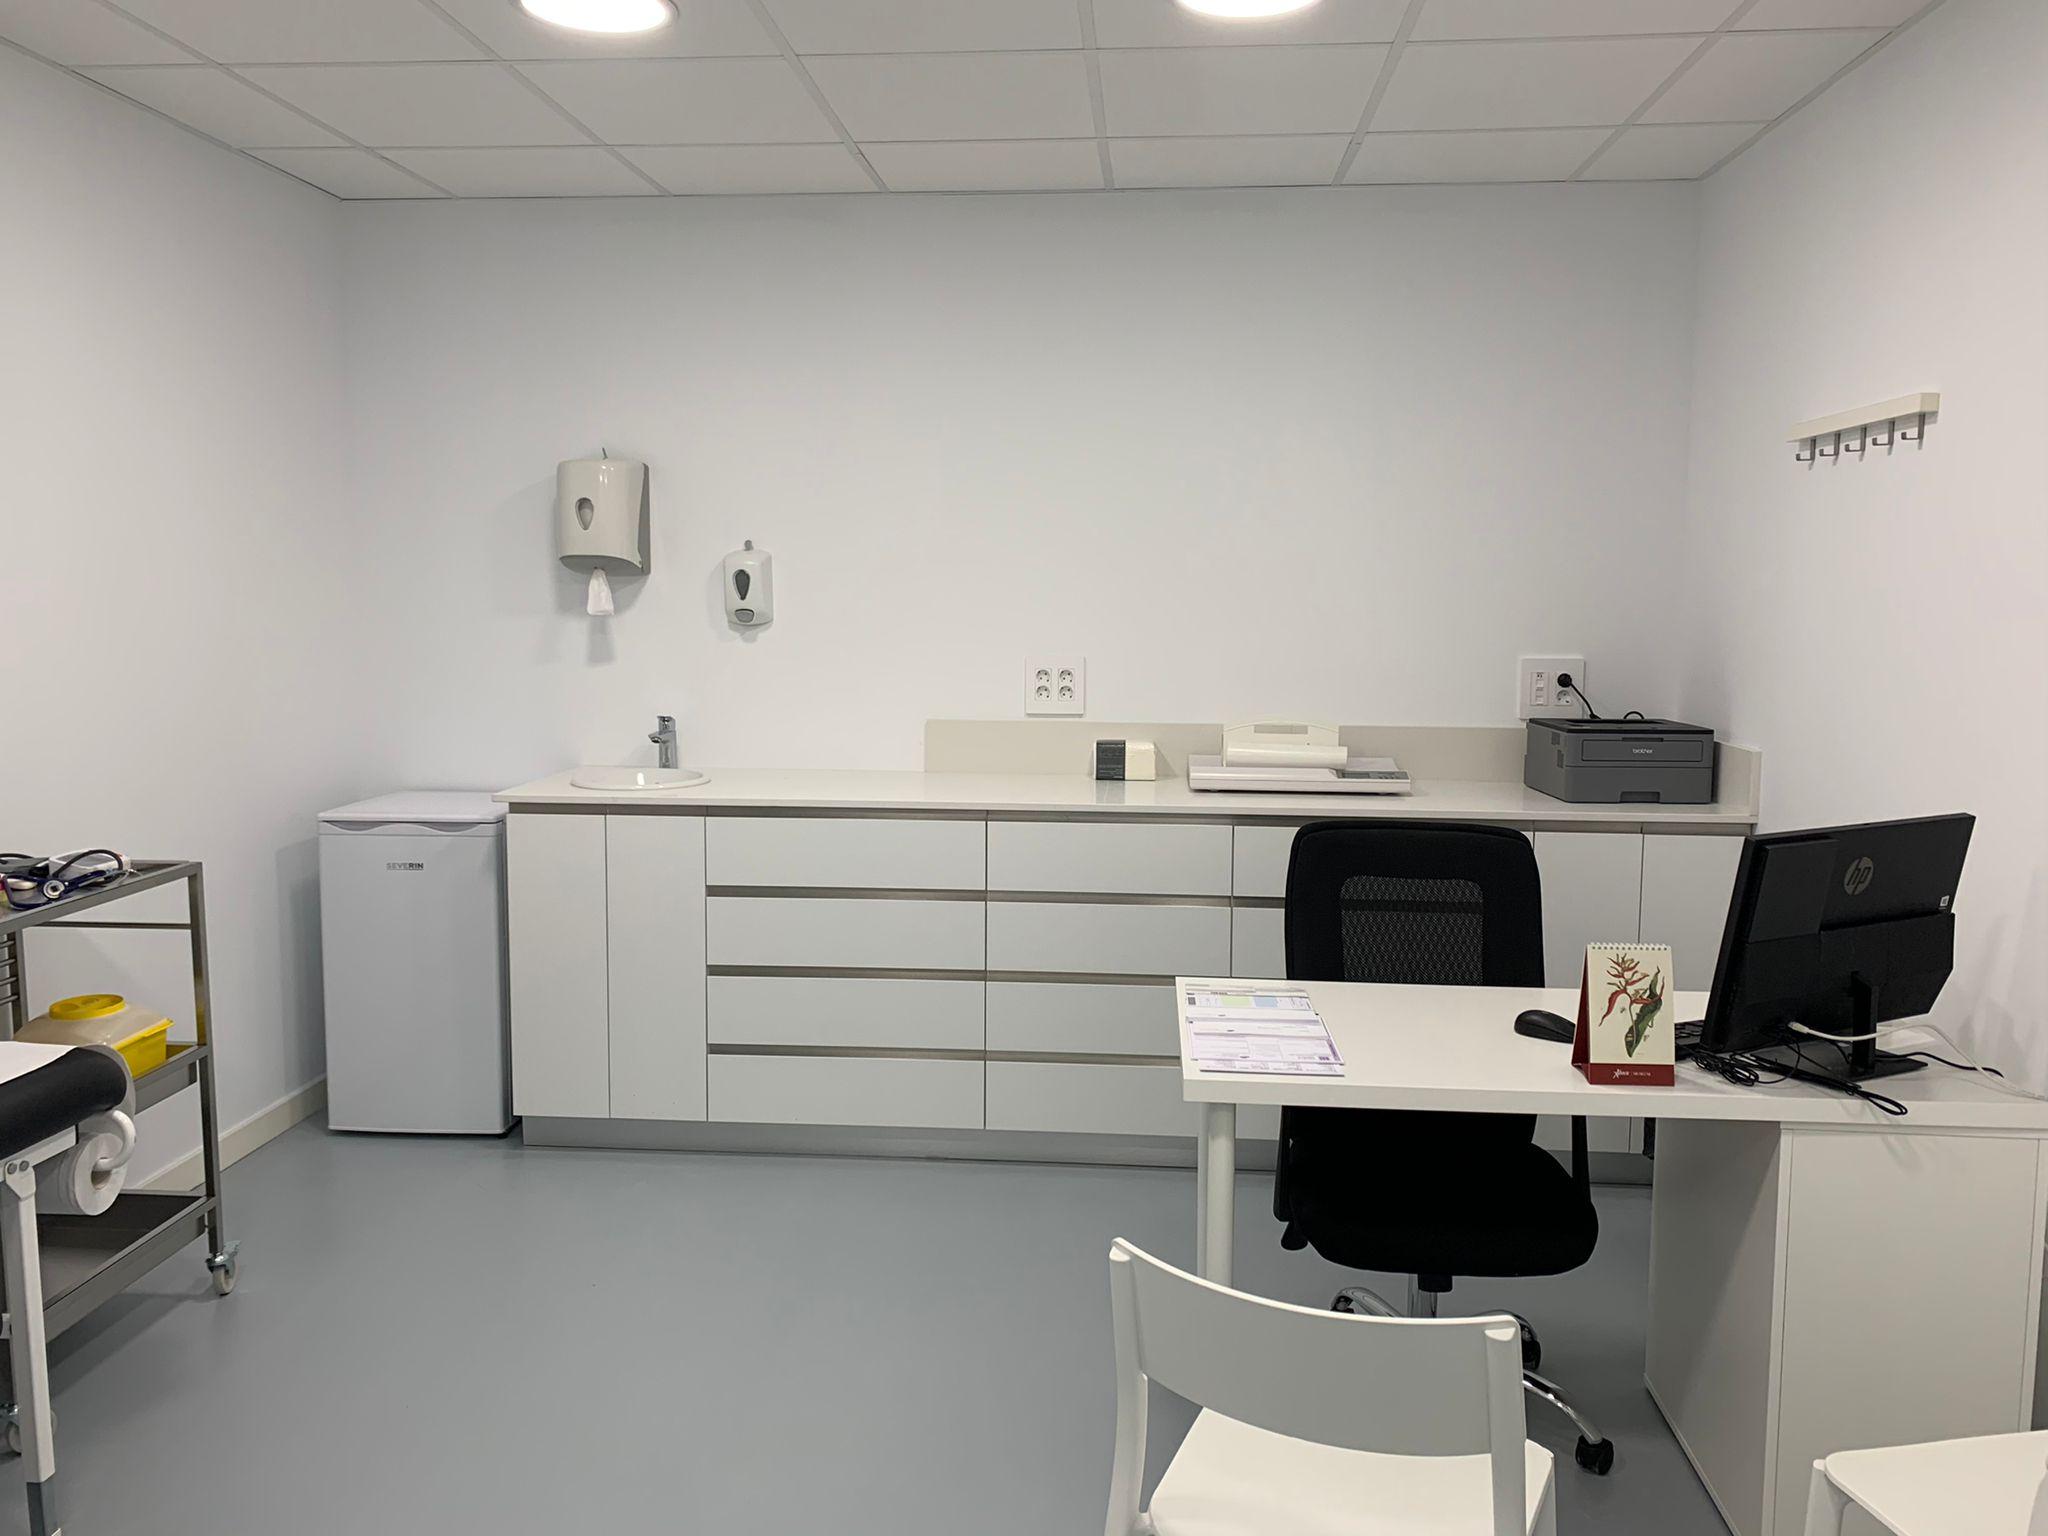 Centro médico San Joan Despí consultas 2